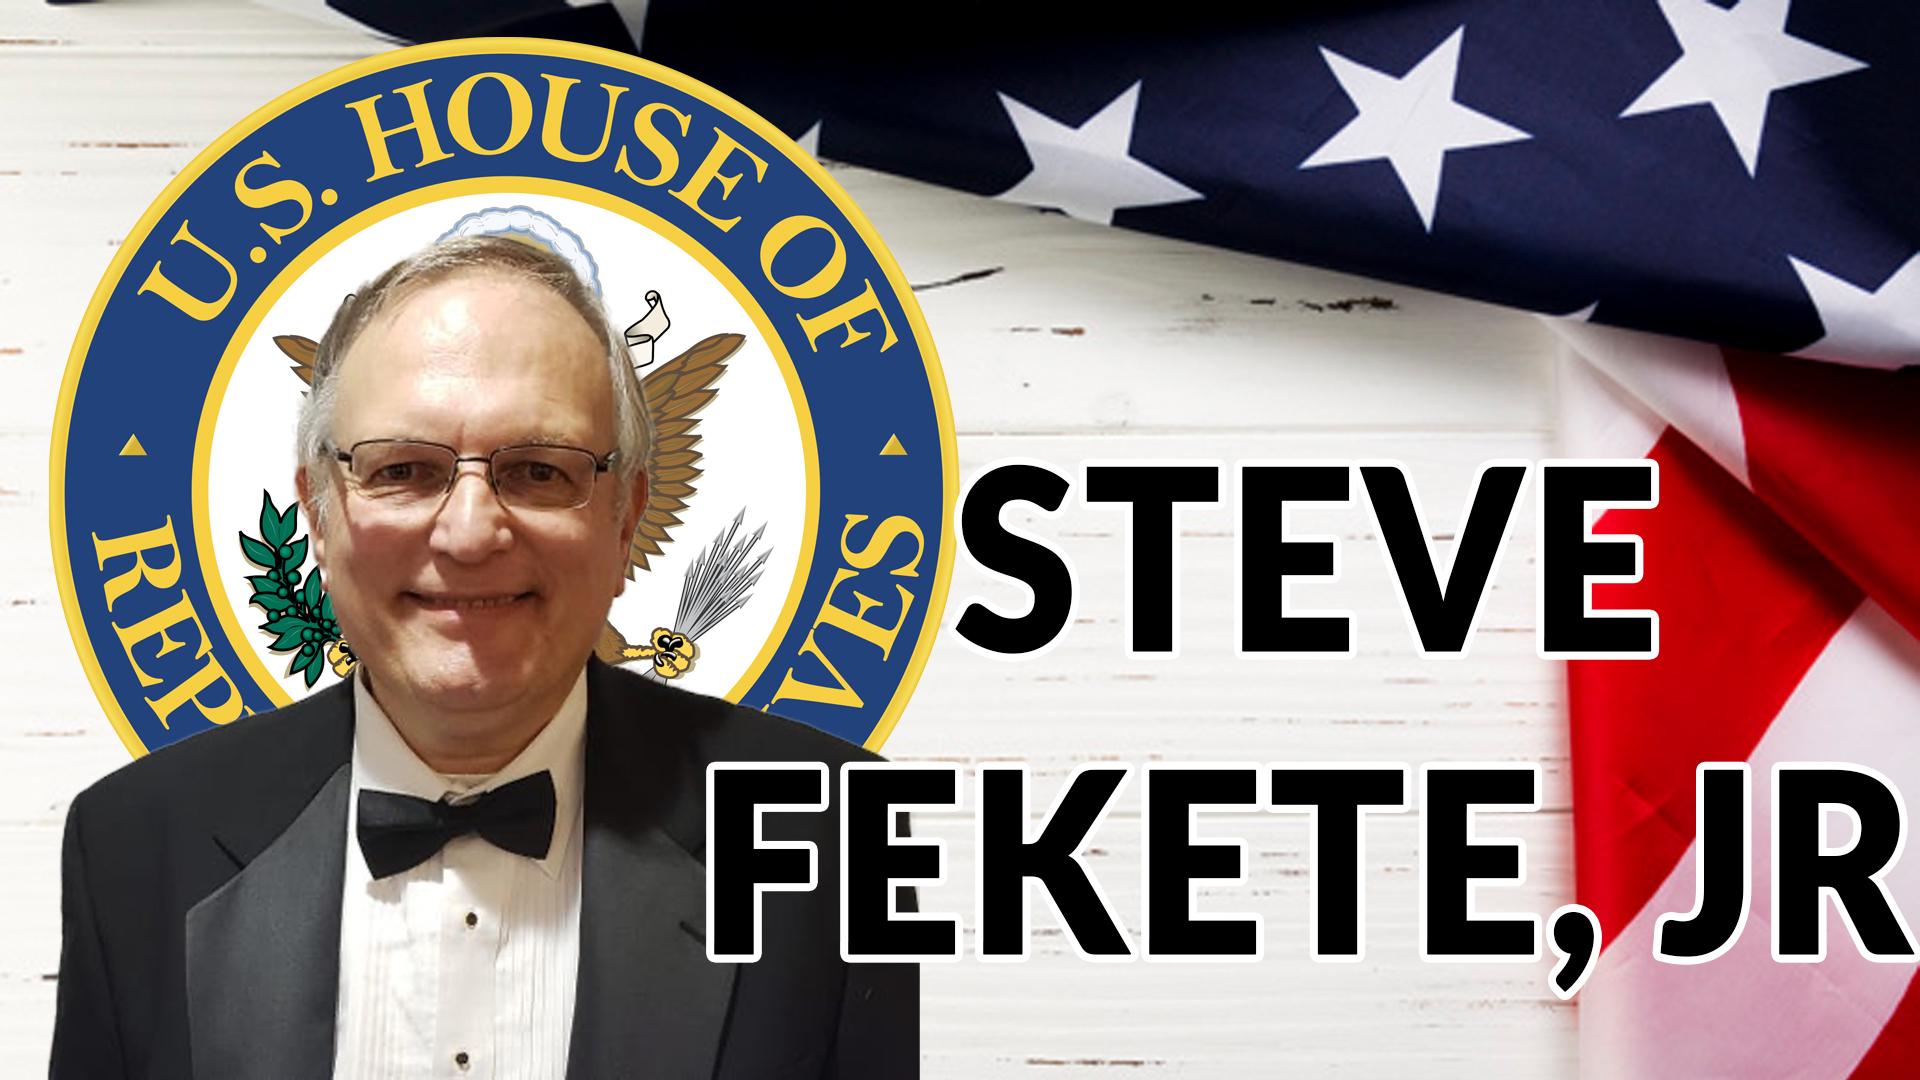 Steve Fekete, Jr, NC House Candidate